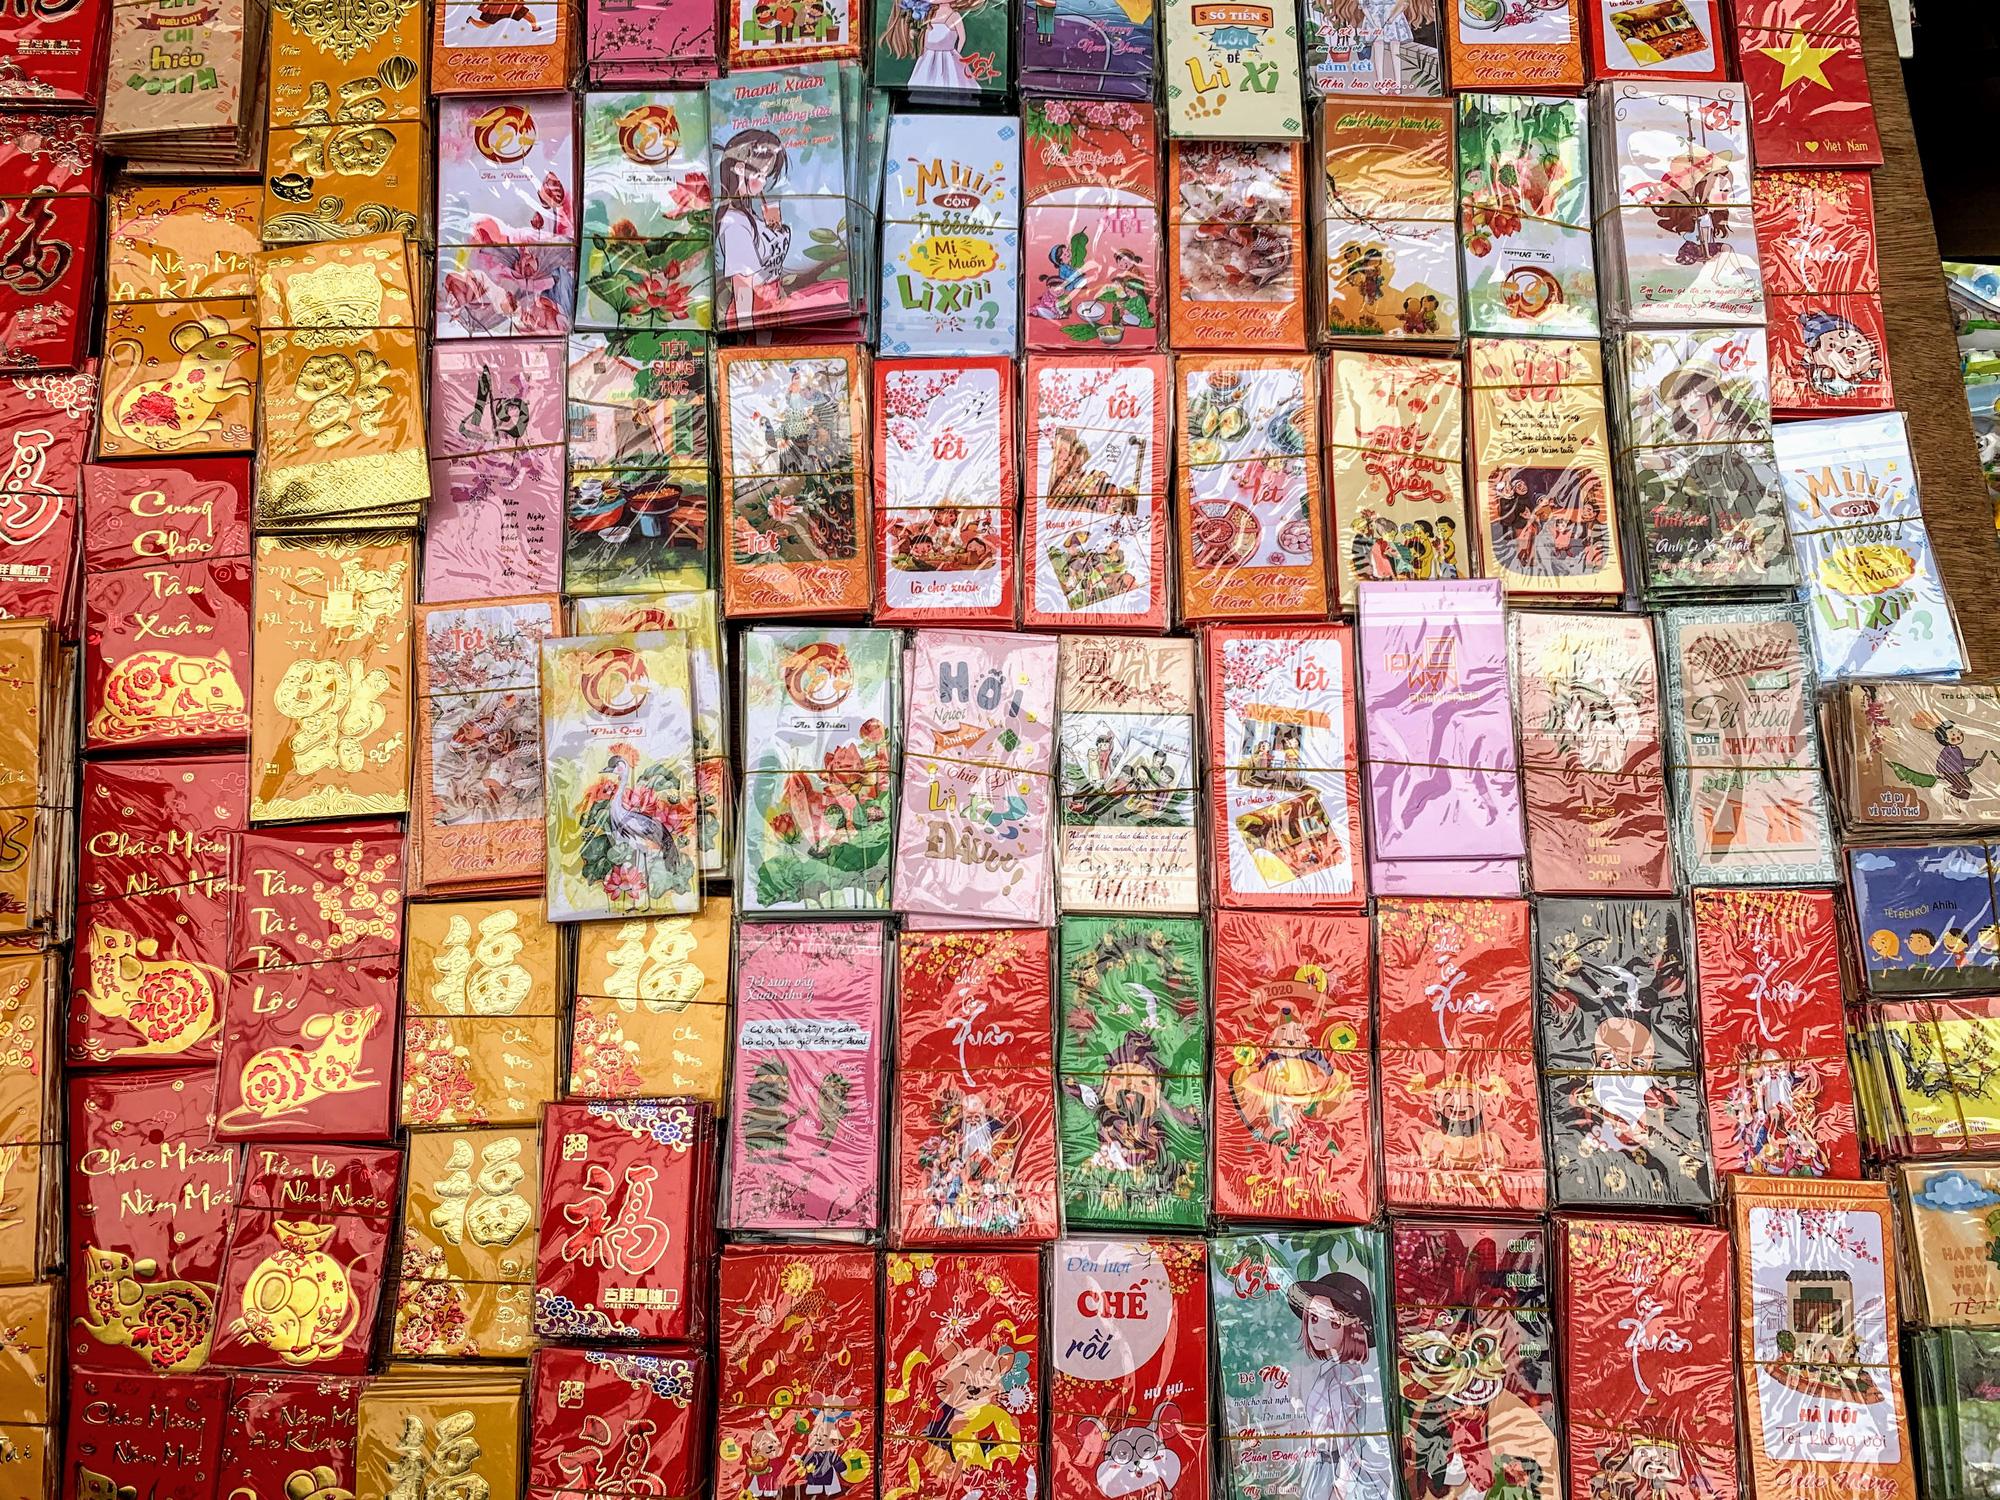 Chiều cuối năm, đột nhập chợ hoa xuân xem người Hà Nội sắm Tết - Ảnh 25.